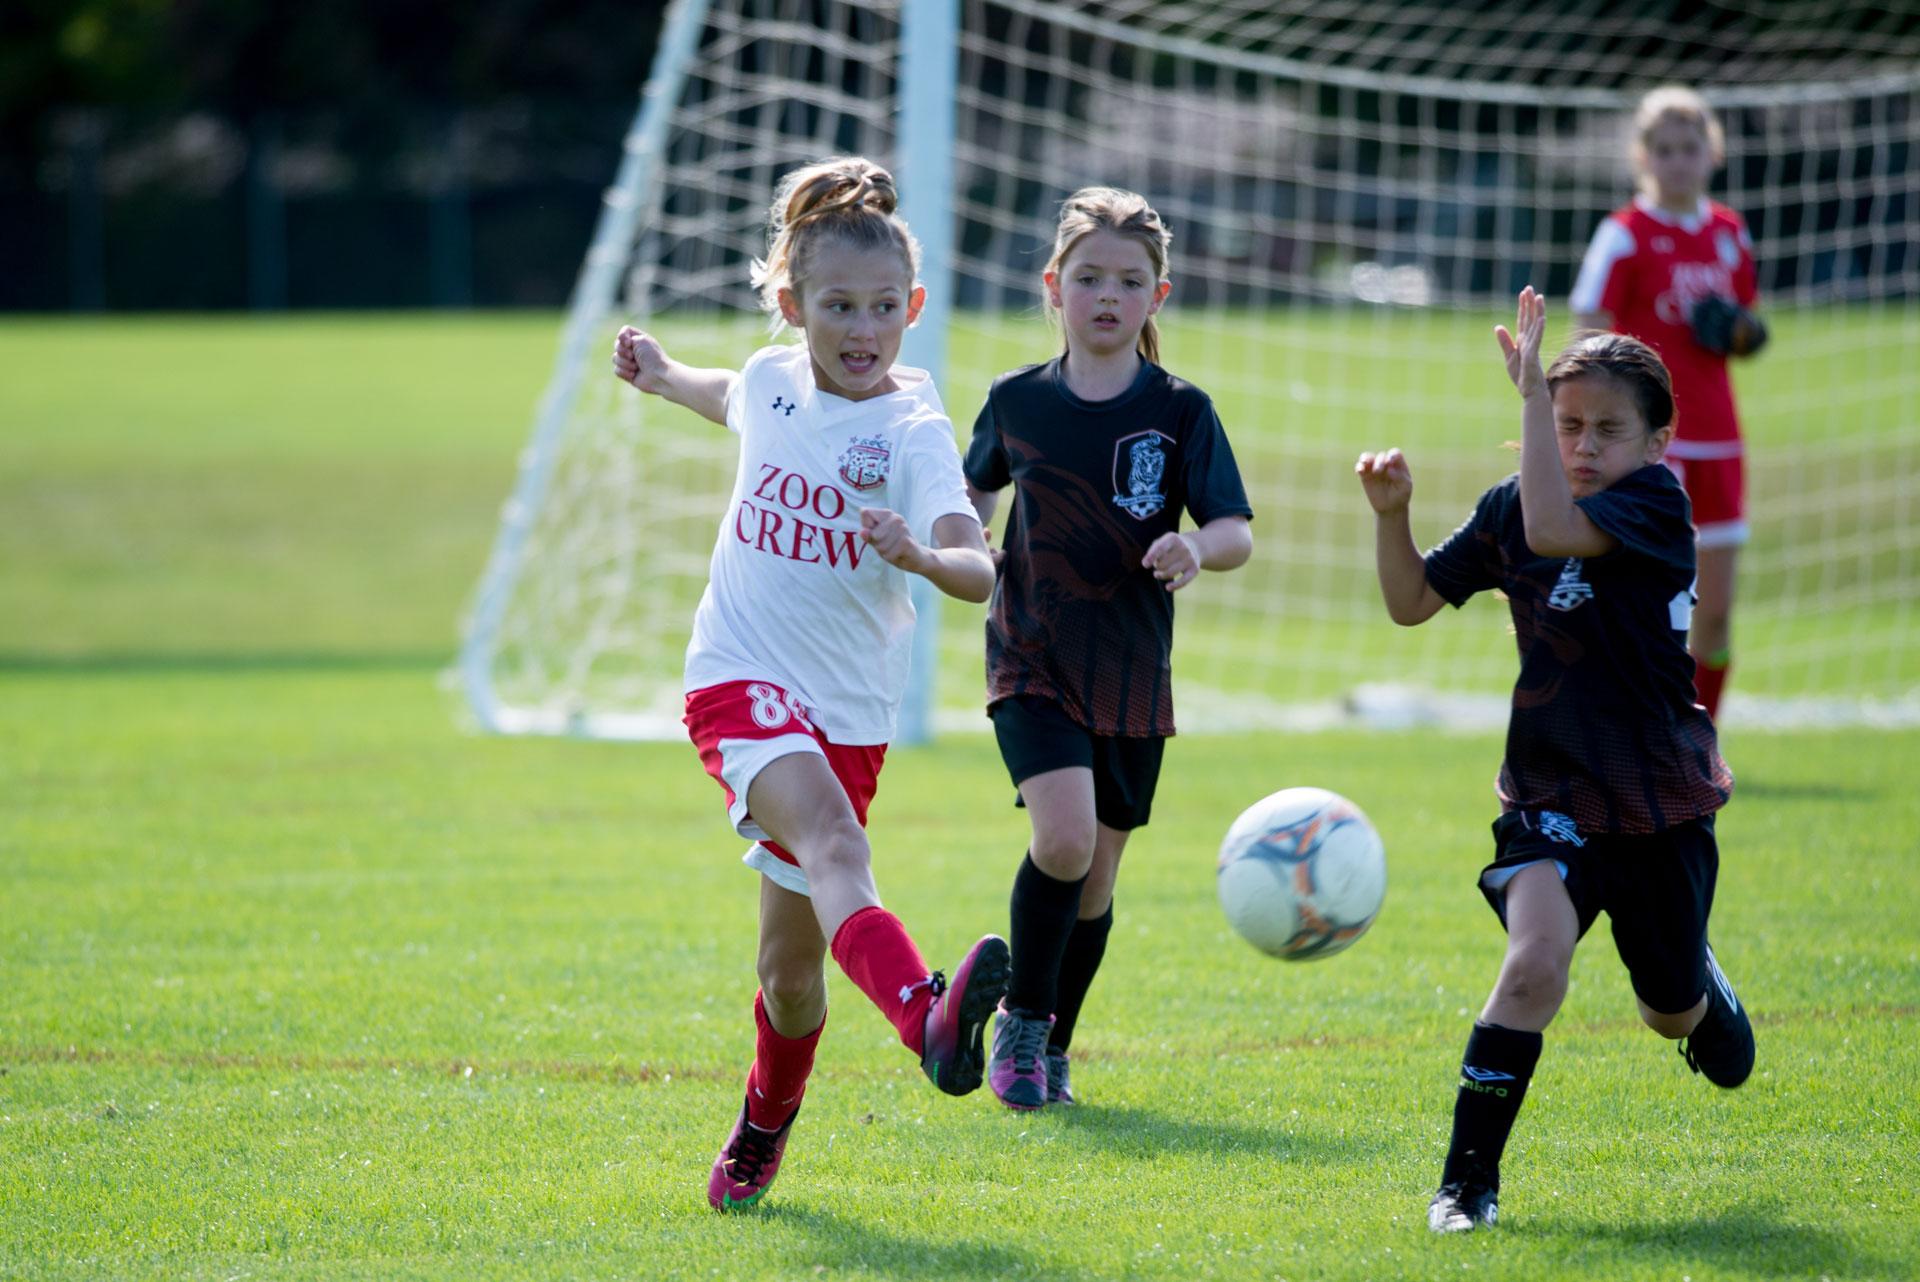 Soccer_U11_180929-77.jpg